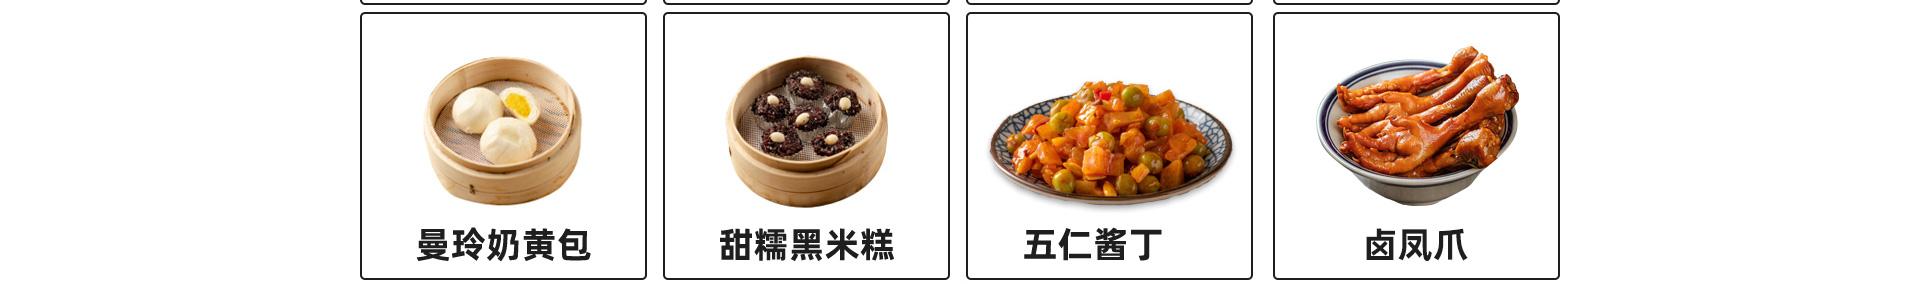 曼玲粥店详情_11